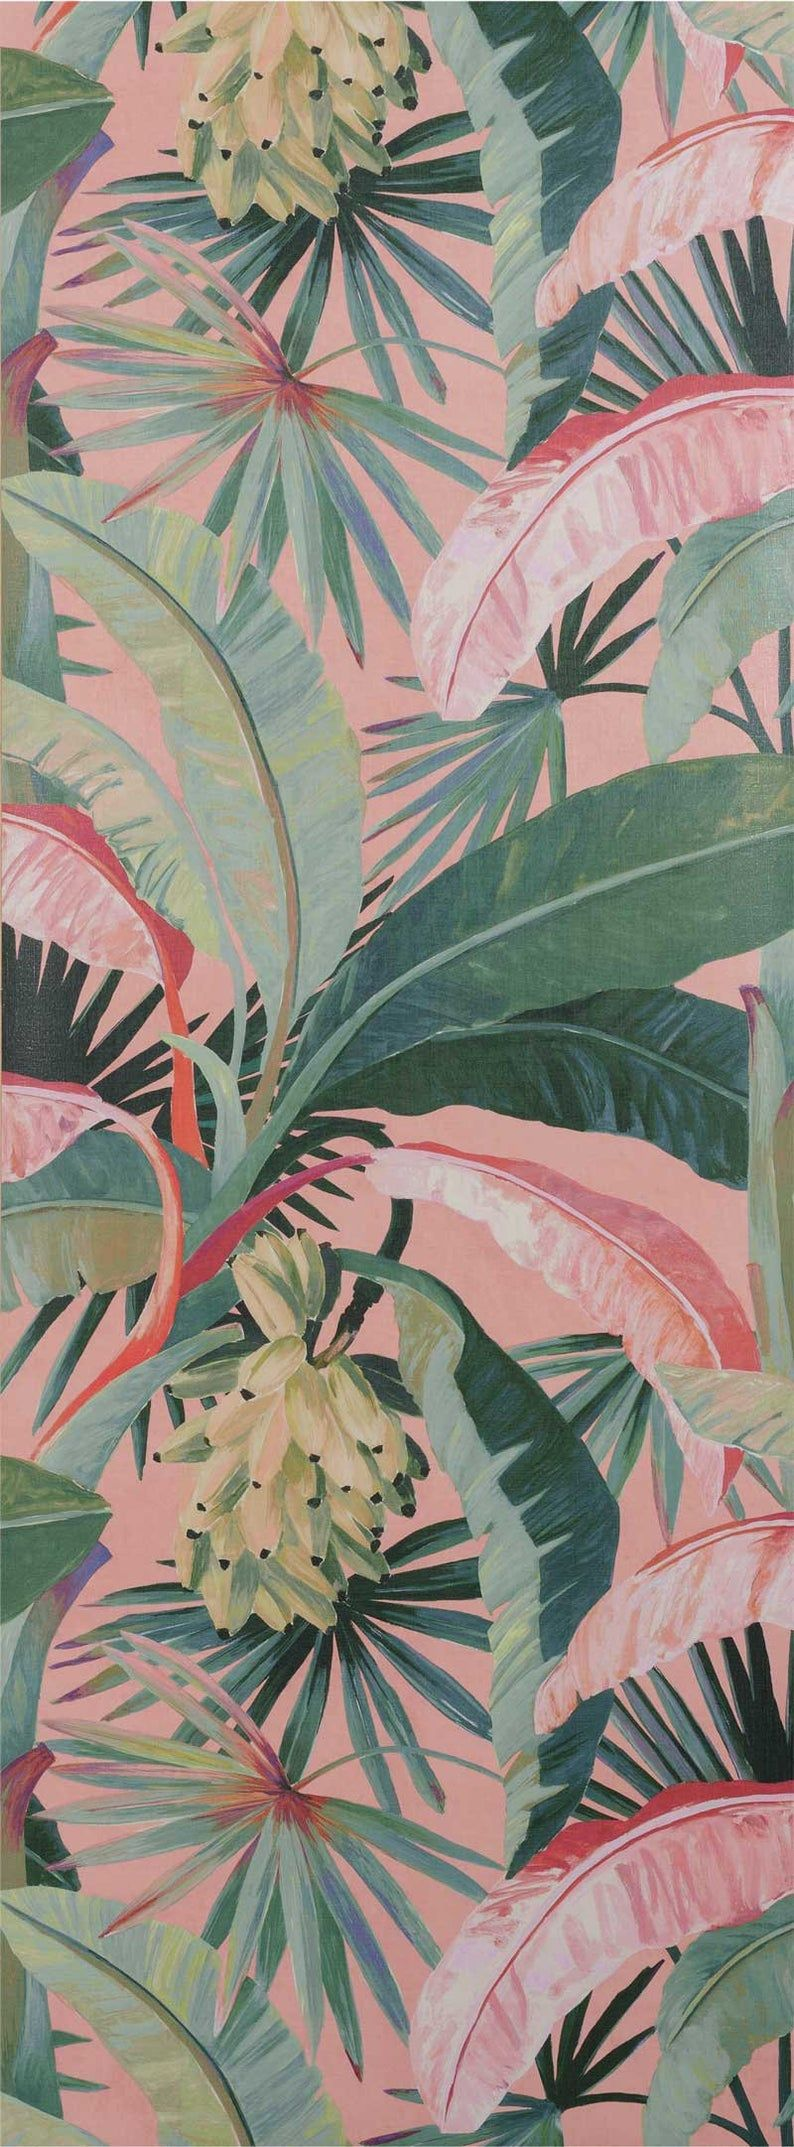 La Palma Tapete / Wandcovering - Feature-Wand - tropischen Palme Tapete - Banane Blätter Blatt Dschungel Hollywood grün exotisch